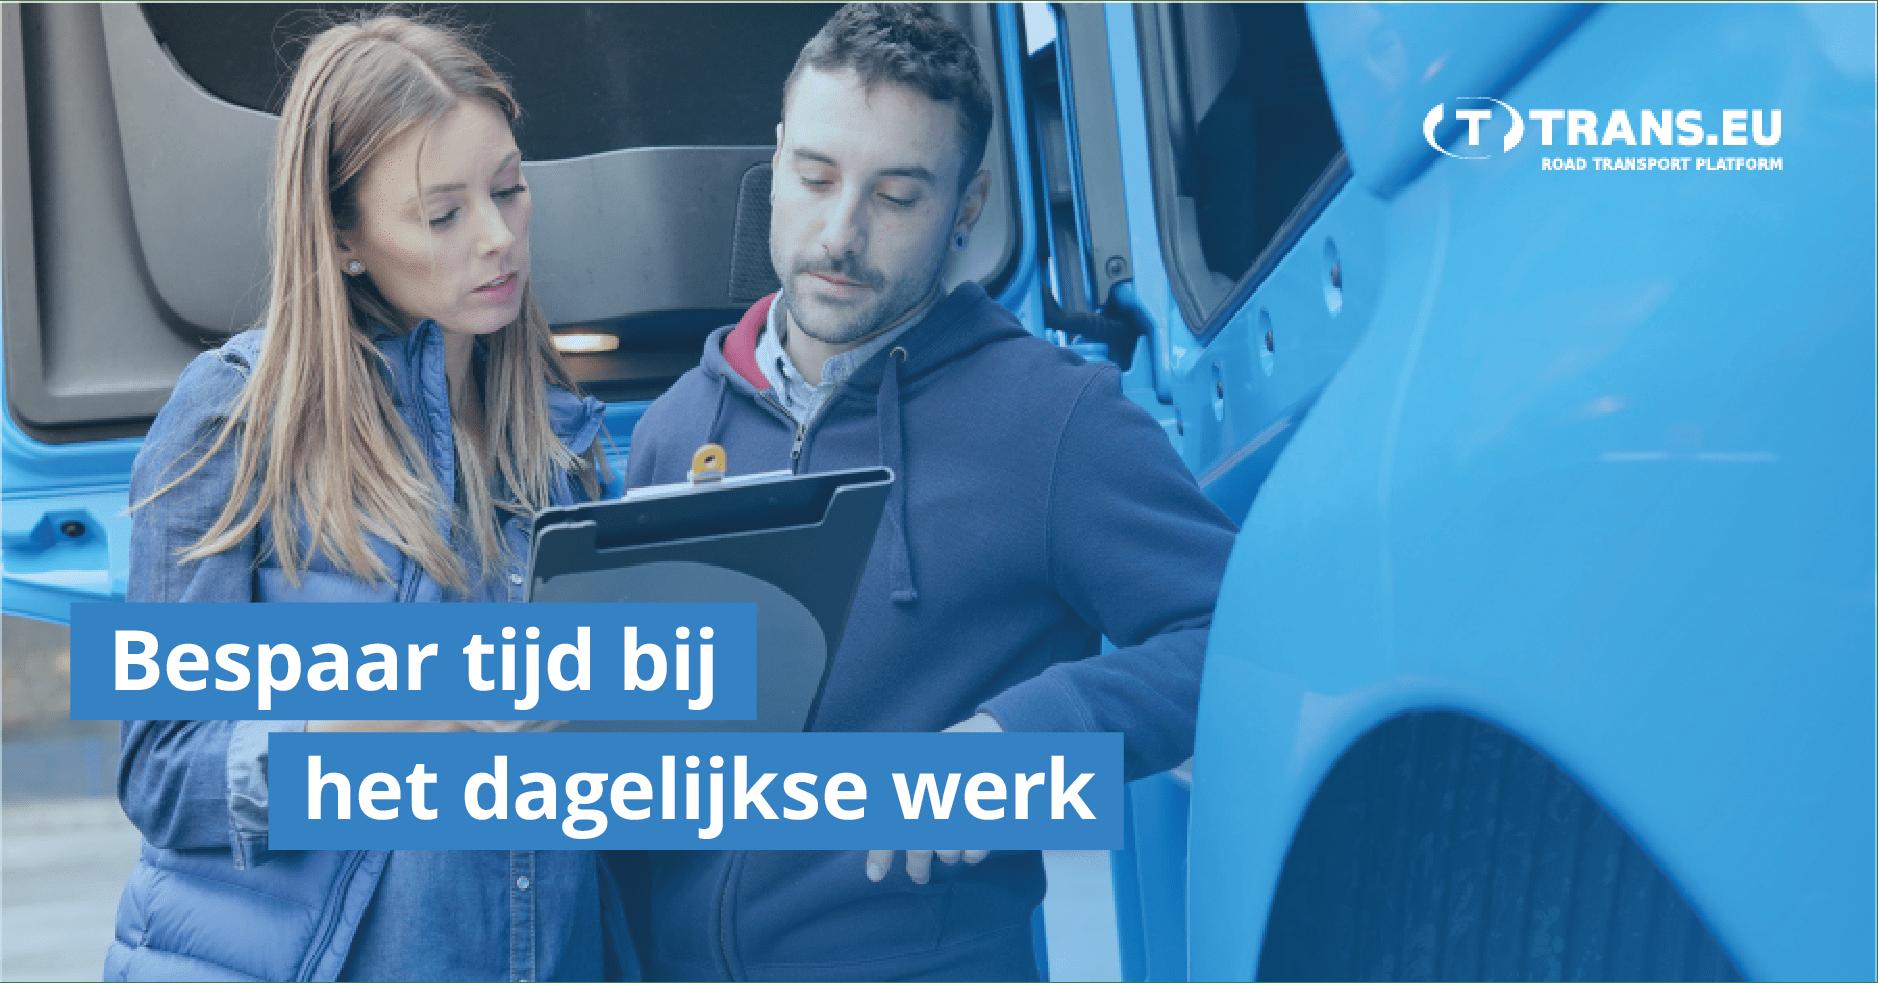 5 eenvoudige manieren om het dagelijkse werk van de vervoerder te vergemakkelijken